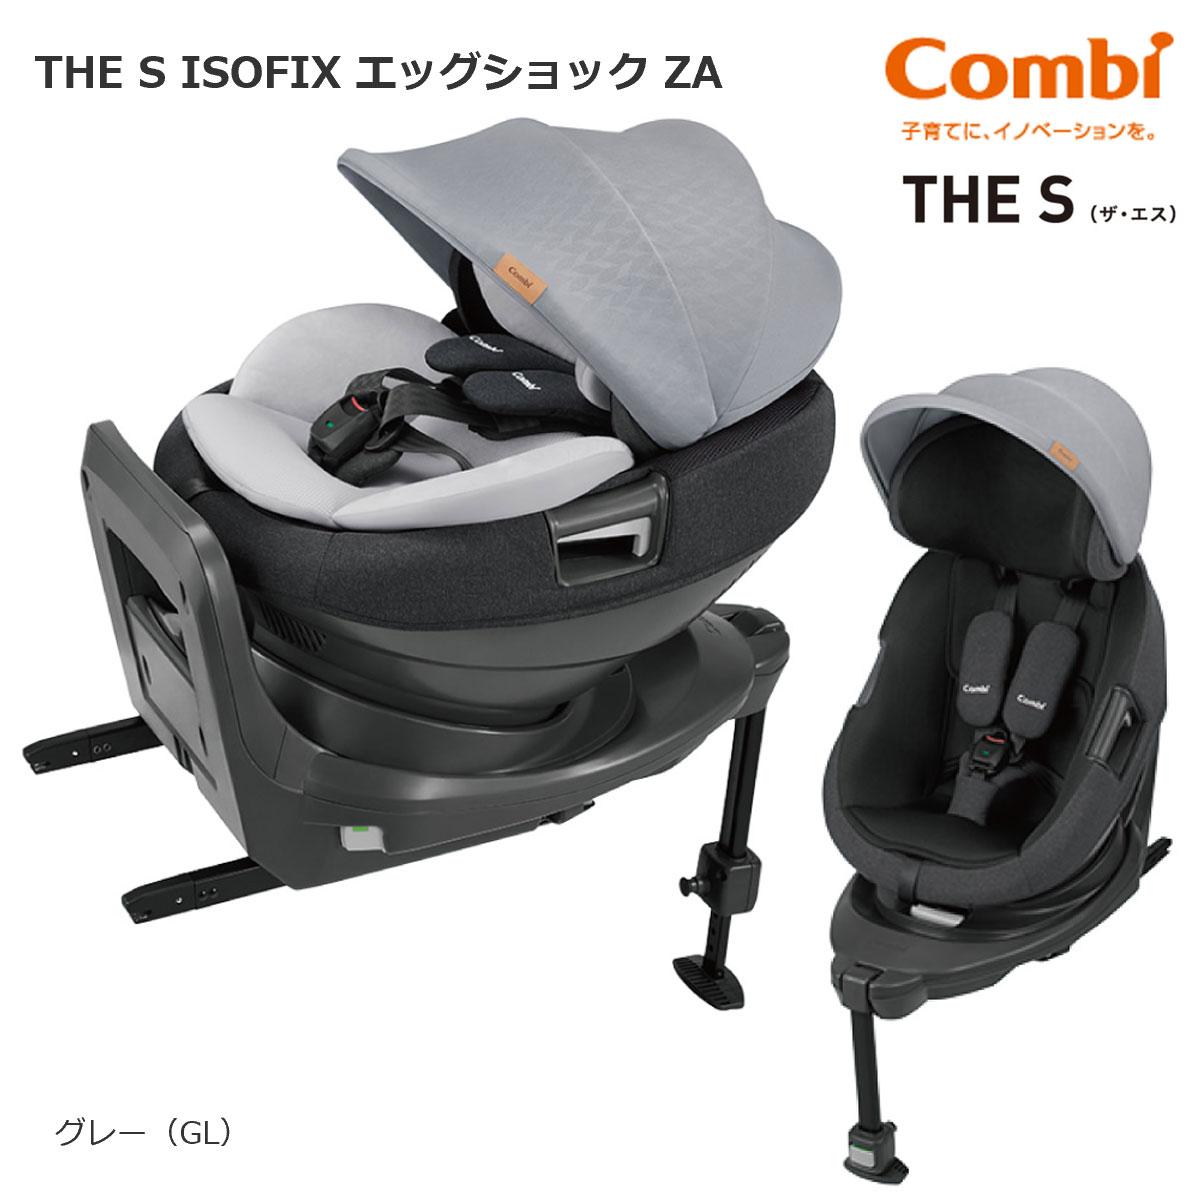 【送料無料】【新生児~4歳頃】コンビ ホワイトレーベル THE S(ザ・エス) ISOFIX エッグショック ZA-670 グレー(GL)/Combi チャイルドシート ISOFIX【正規販売店】コンビ株式会社より直接仕入れています